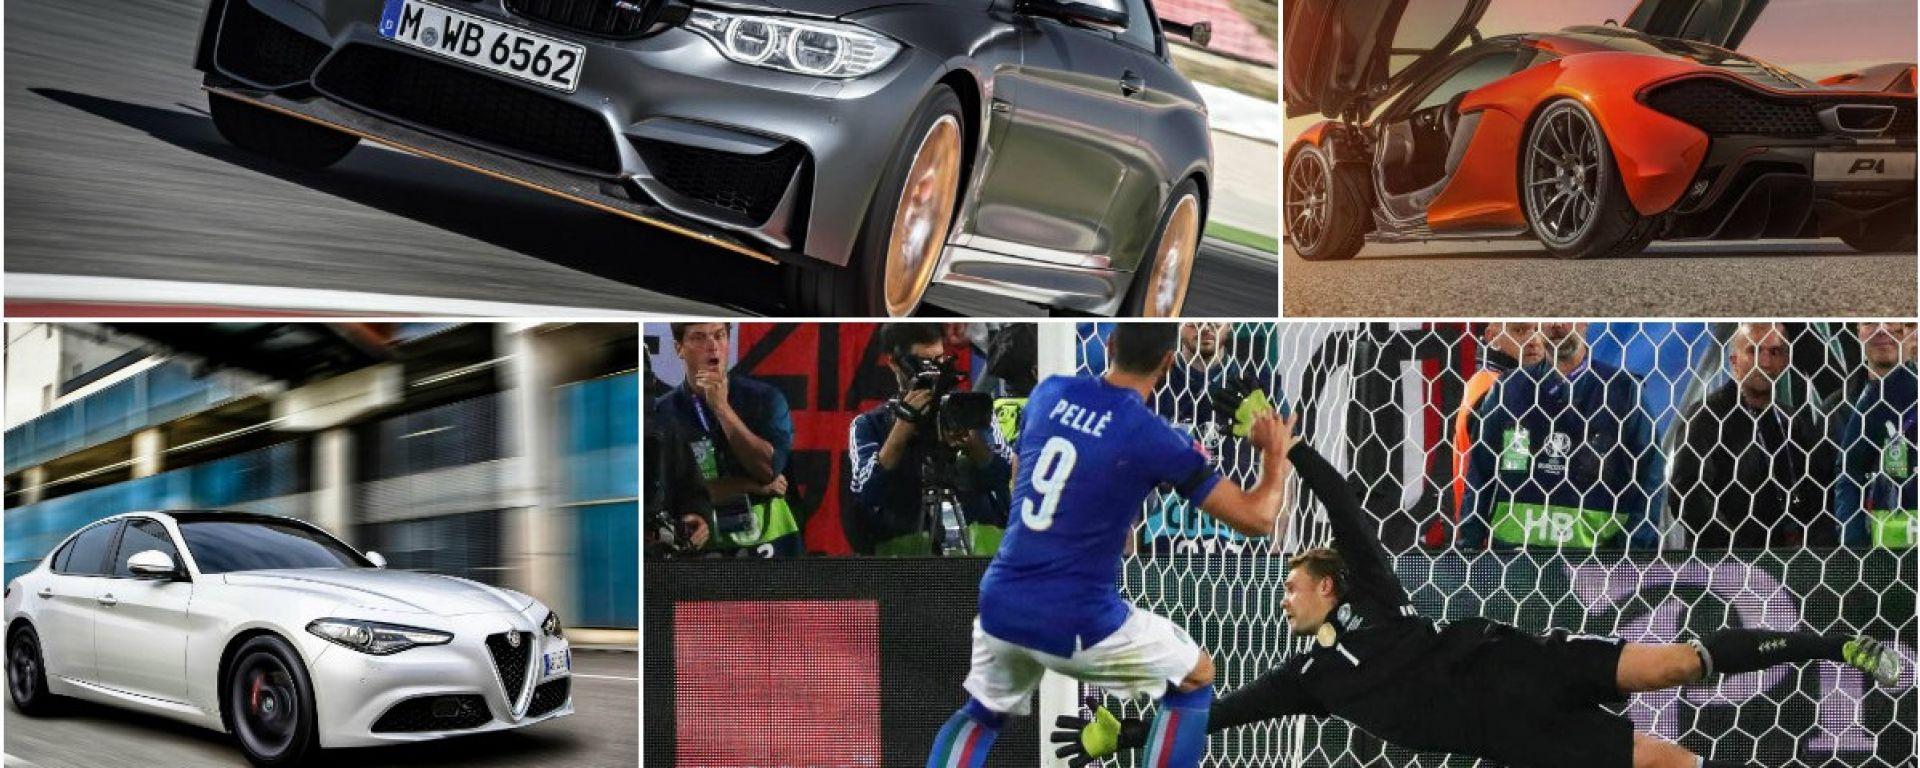 Graziano Pellè, tutte le auto che può comprare: al mese, alla settimana, al giorno